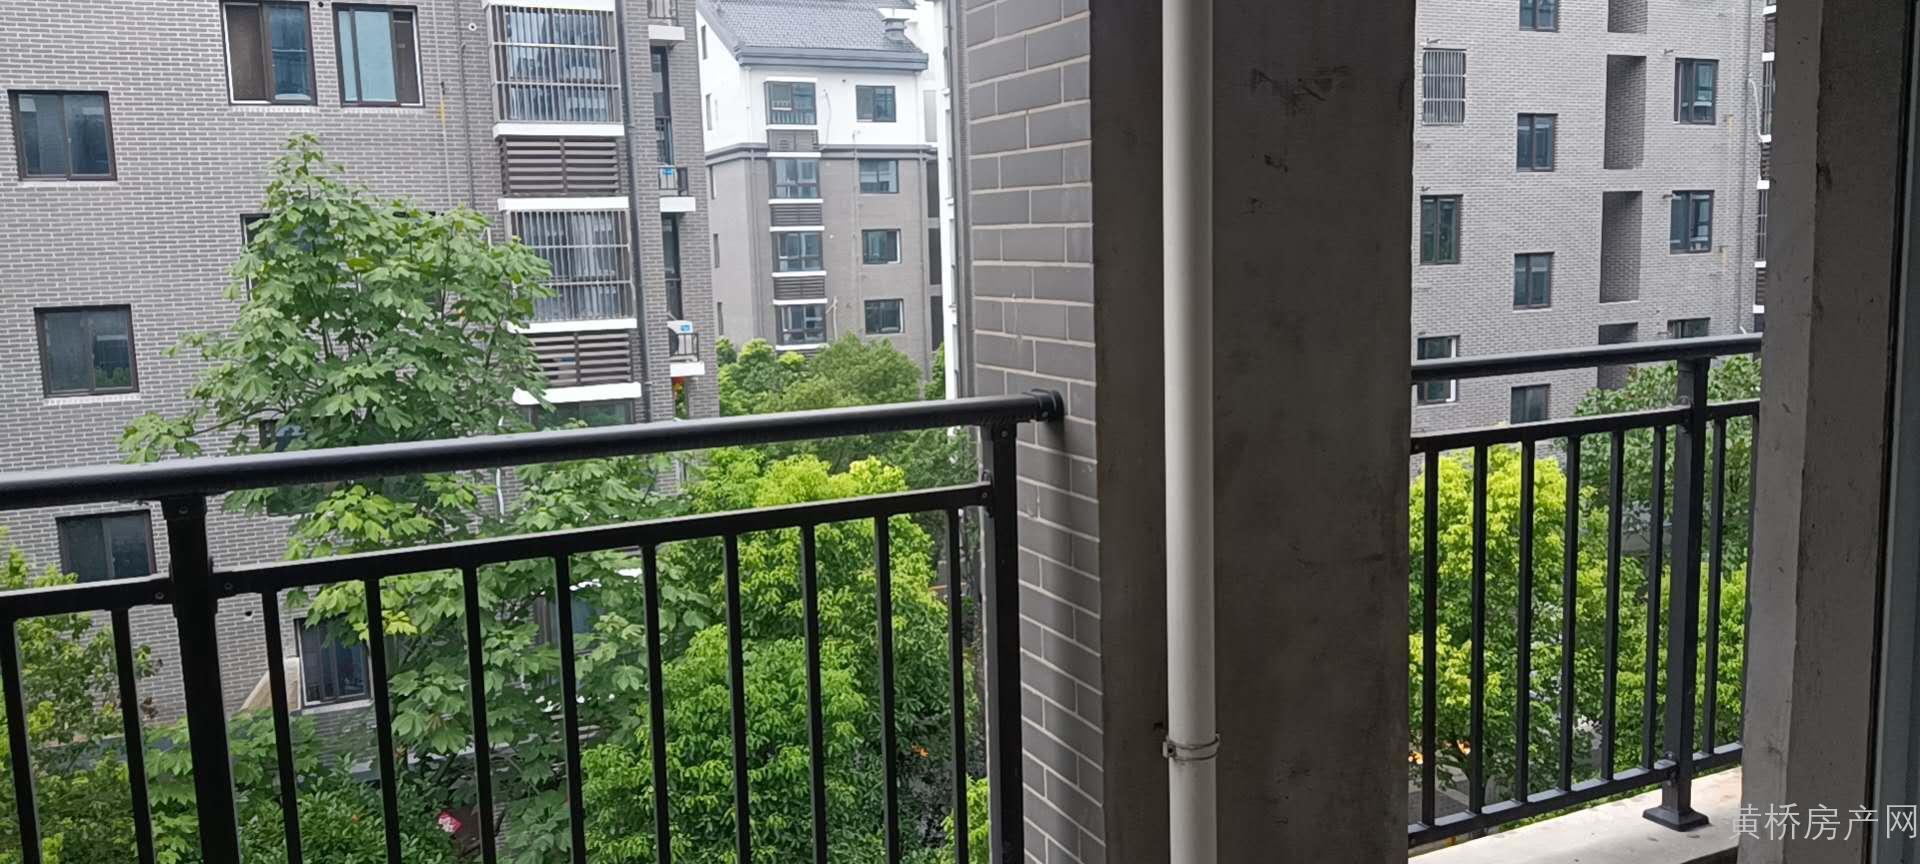 3学区房+电梯洋房+3面阳台+双卫+毛坯+储物间。联系电话17751645363